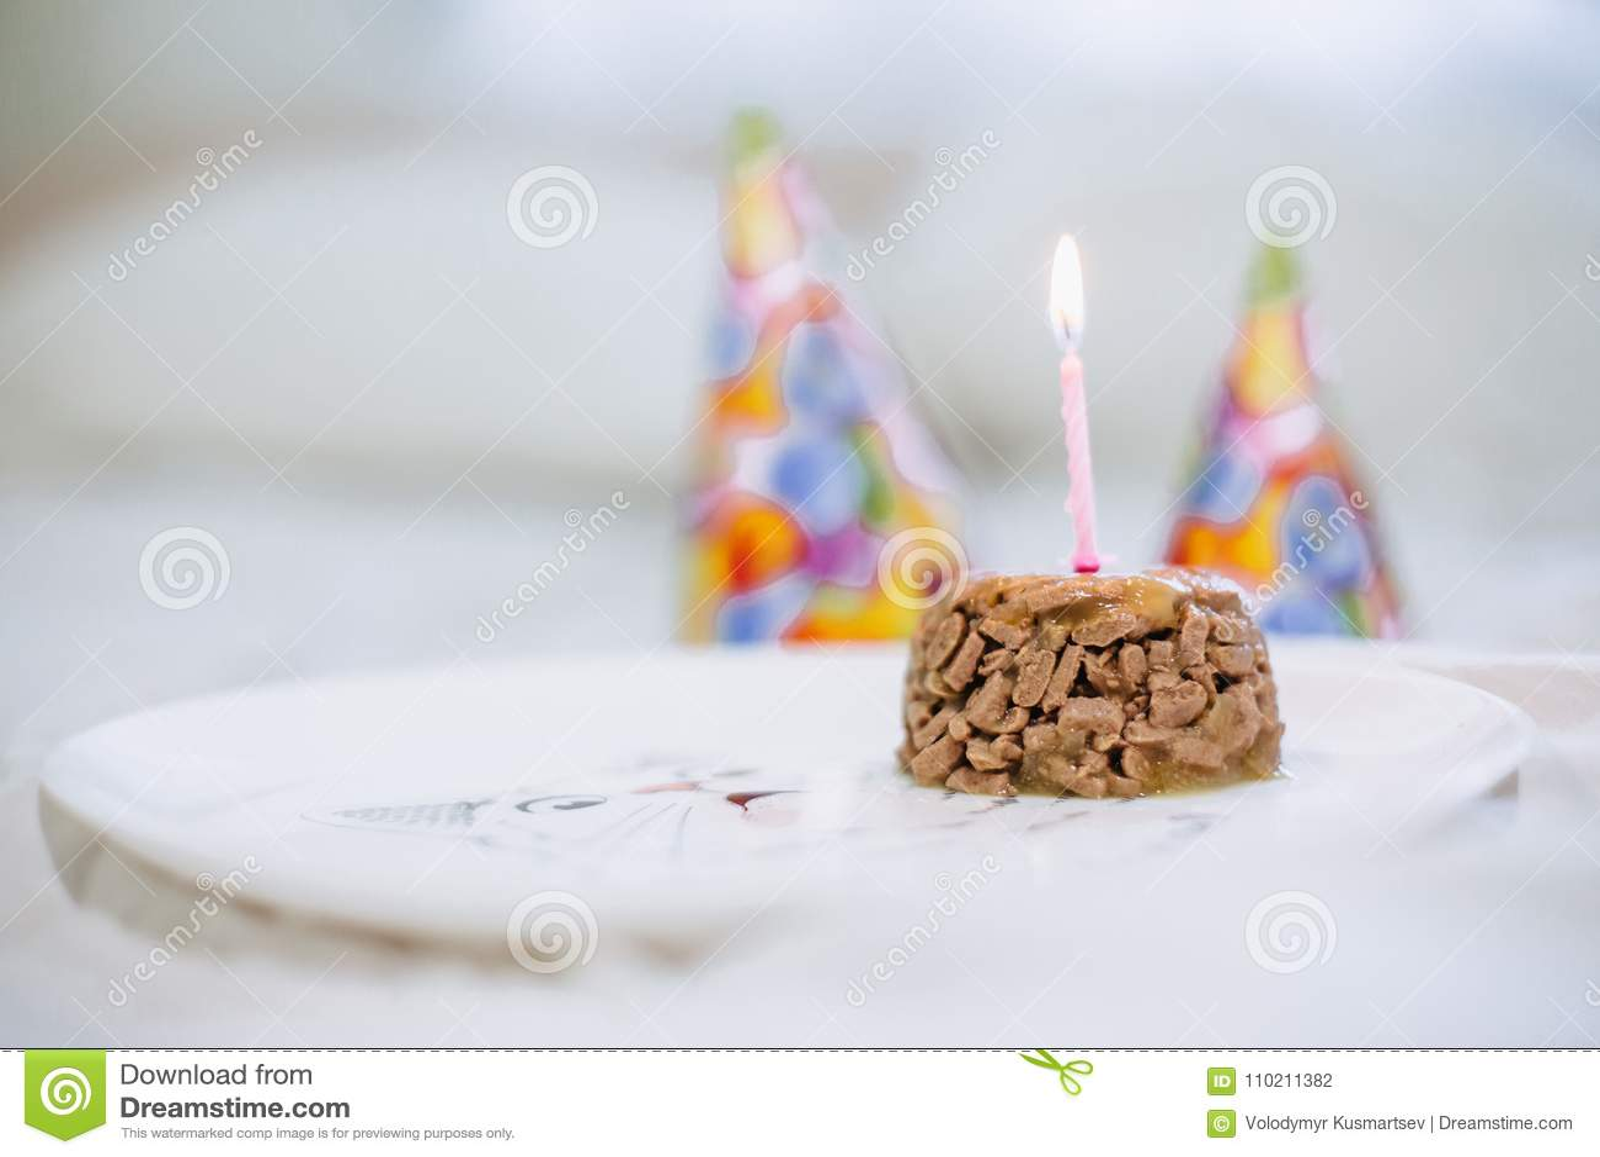 Zwierzęcia Domowego Jedzenia Tort Dla Kota Urodziny Zdjęcie Stock